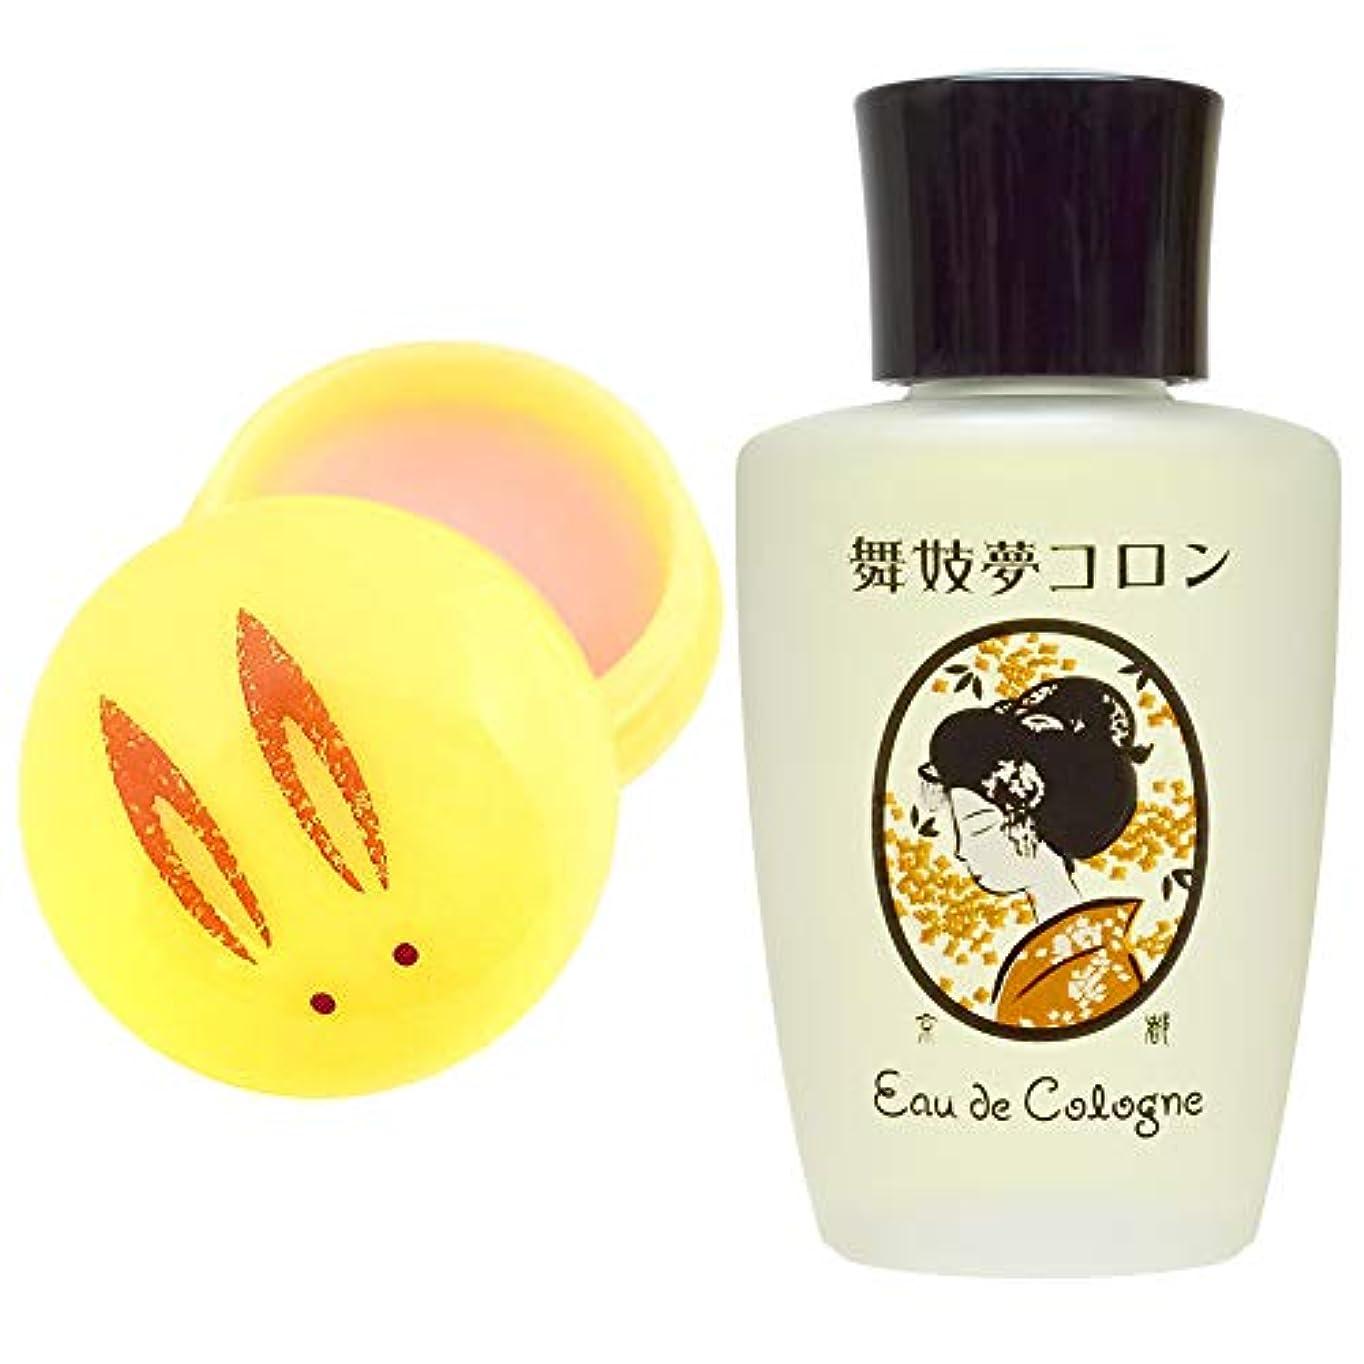 京都コスメ 金木犀2点セット「うさぎ饅頭」+「舞妓夢コロン」